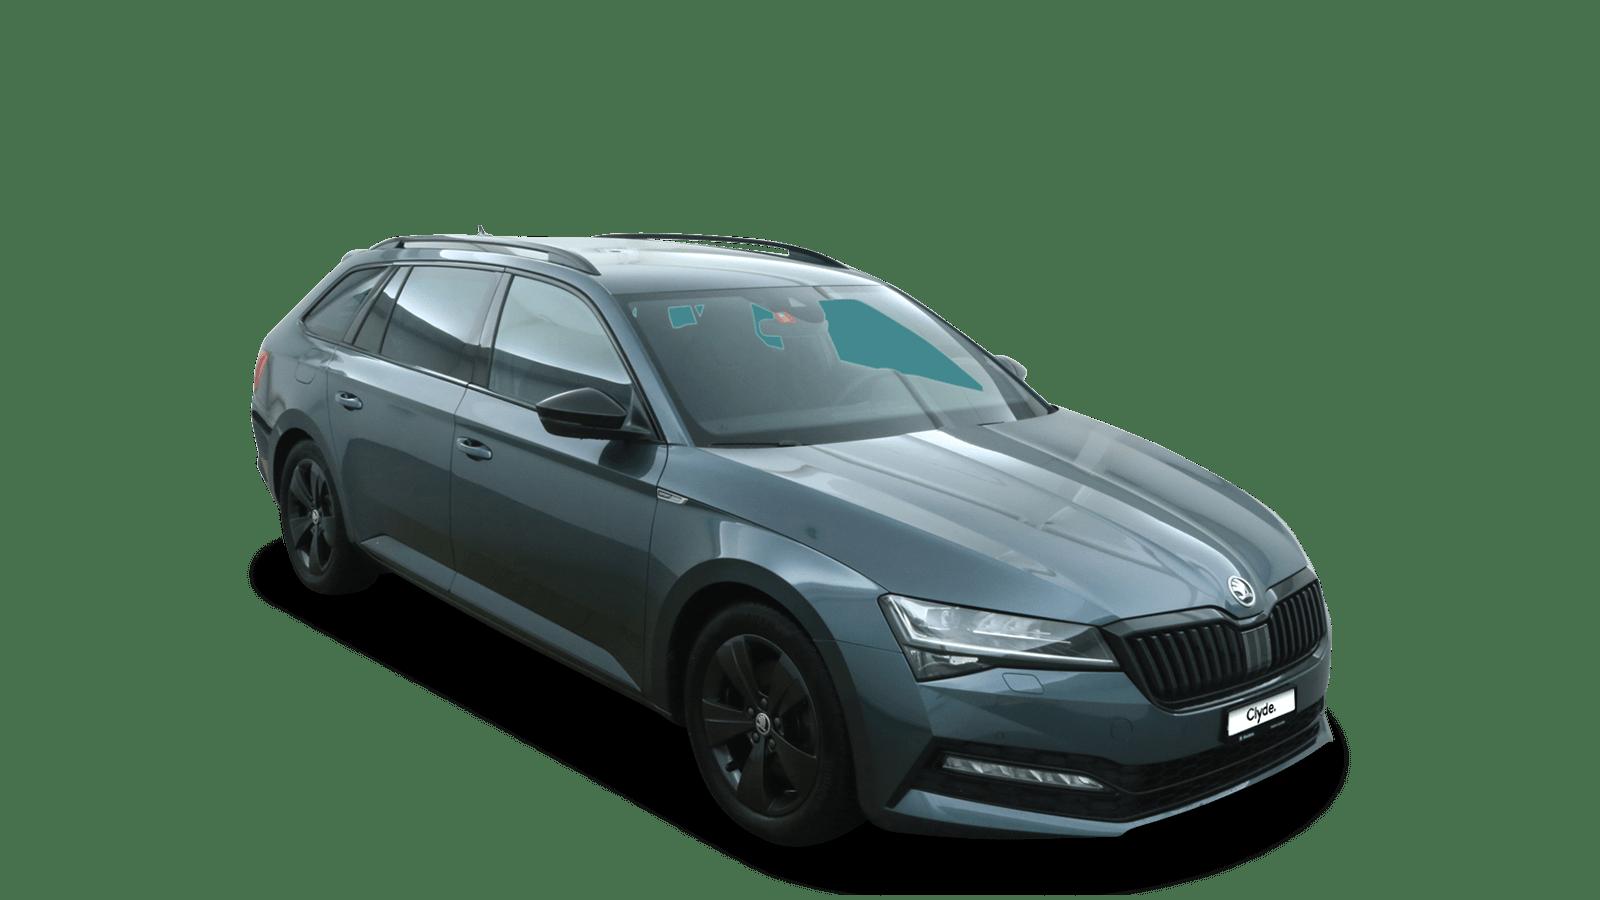 ŠKODA Superb Grau front - Clyde Auto-Abo